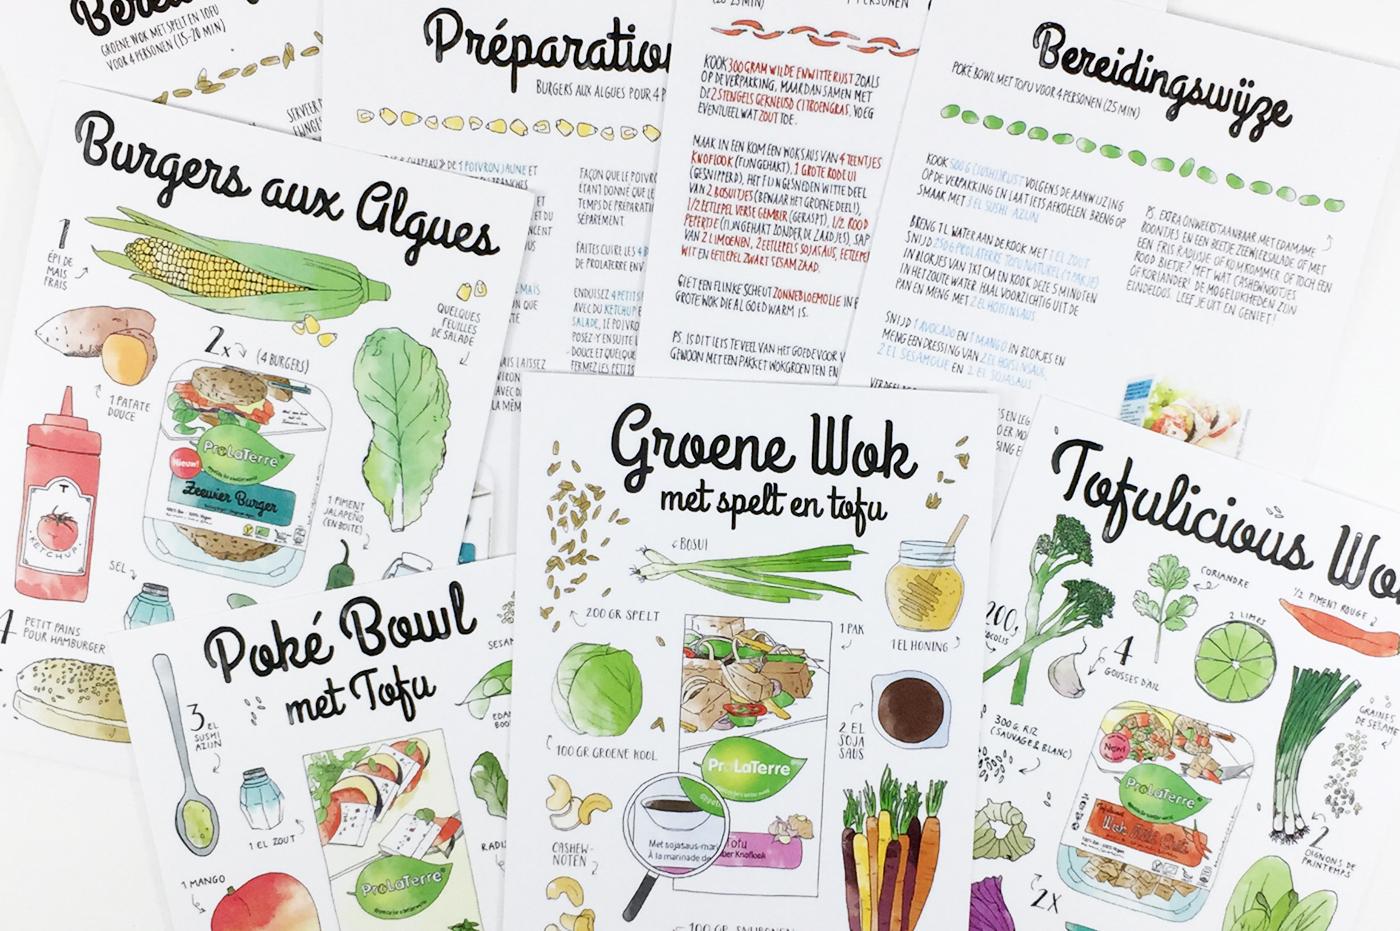 ProLaTerre recipe cards by Annemarie Gorissen